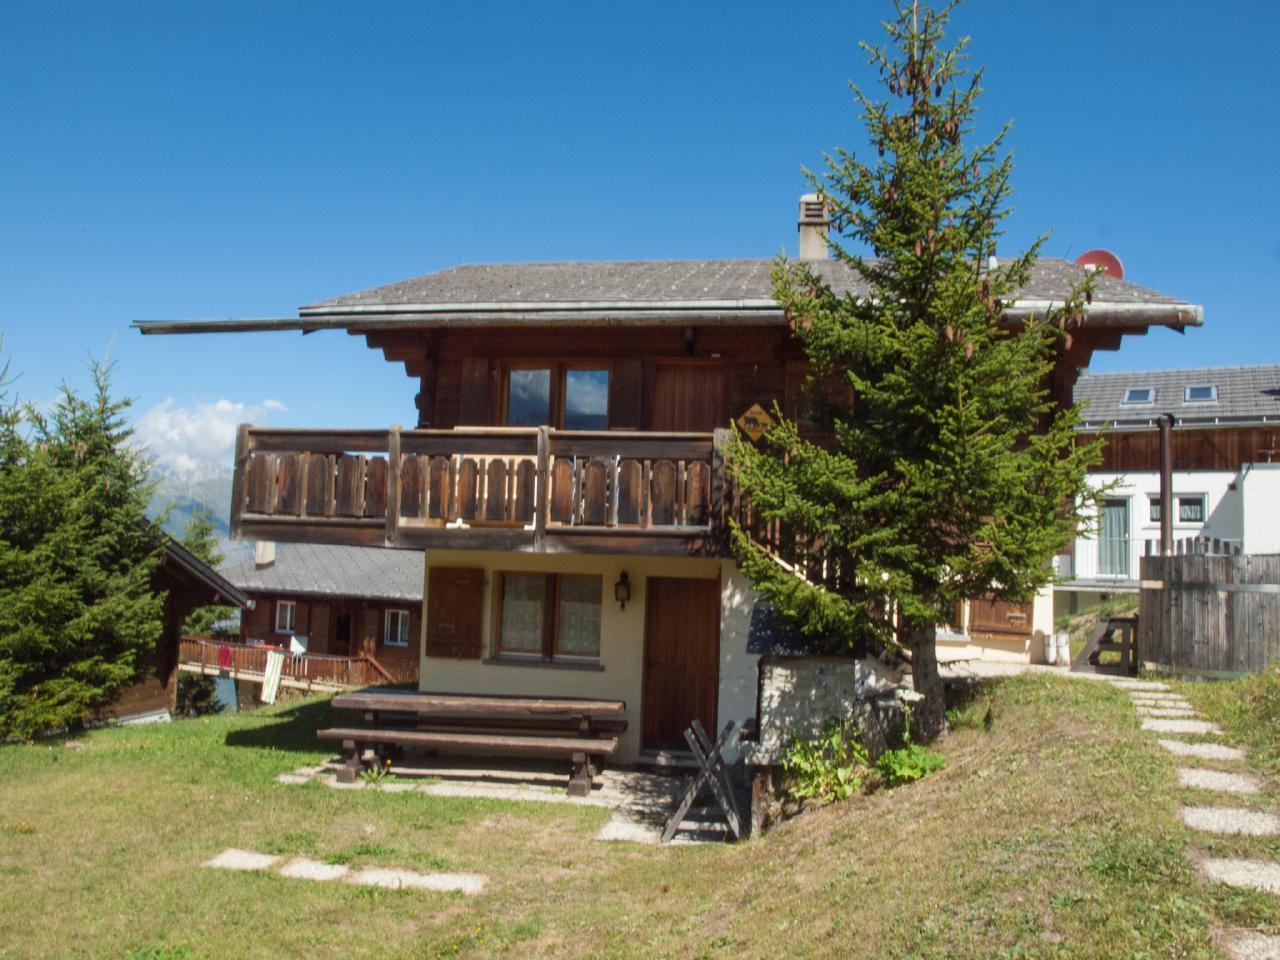 Ferienhaus Chalet Fridi auf Rosswald im Wallis Wohnung Erdgeschoss (2311759), Rosswald, Brig - Simplon, Wallis, Schweiz, Bild 1